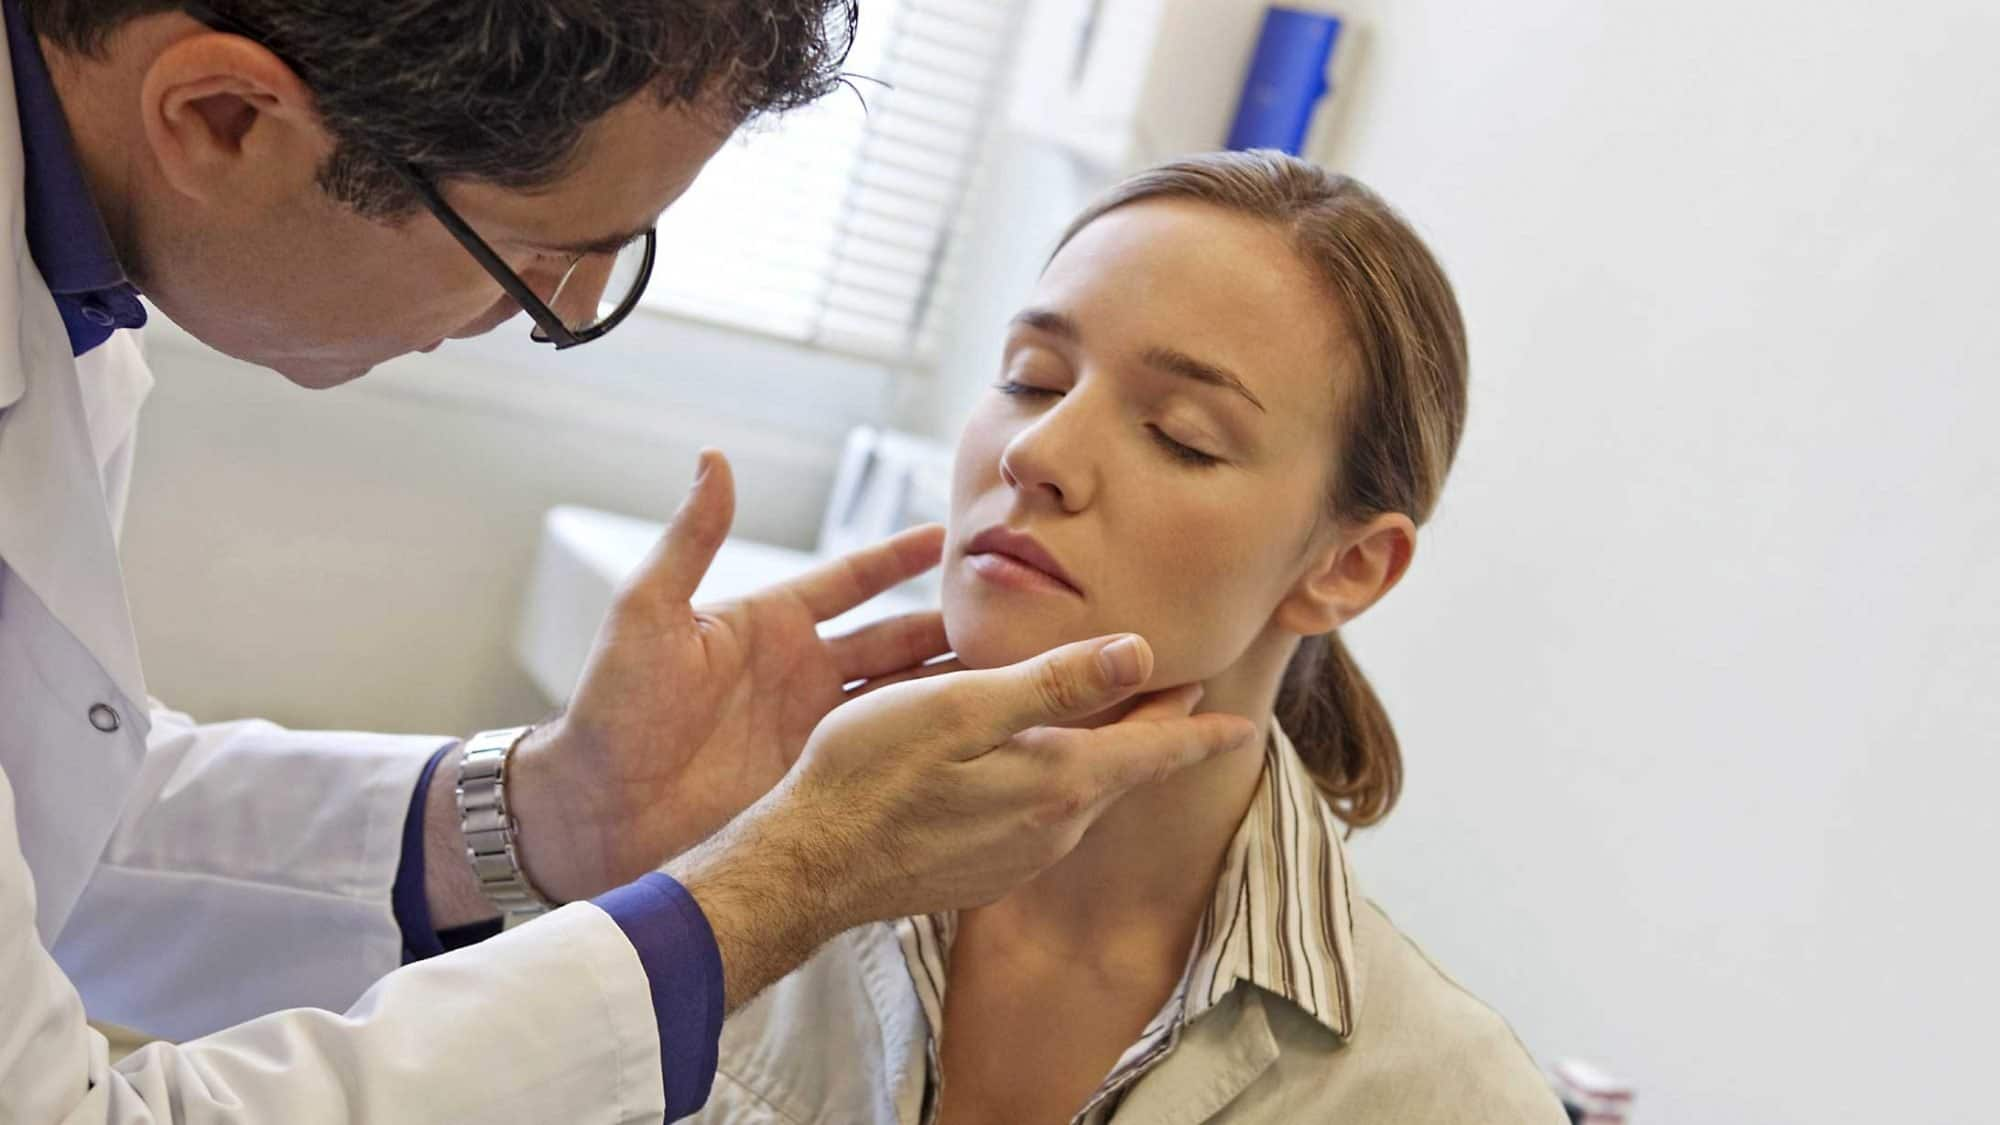 Ein Arzt tastet die Lymphknoten einer Patientin ab